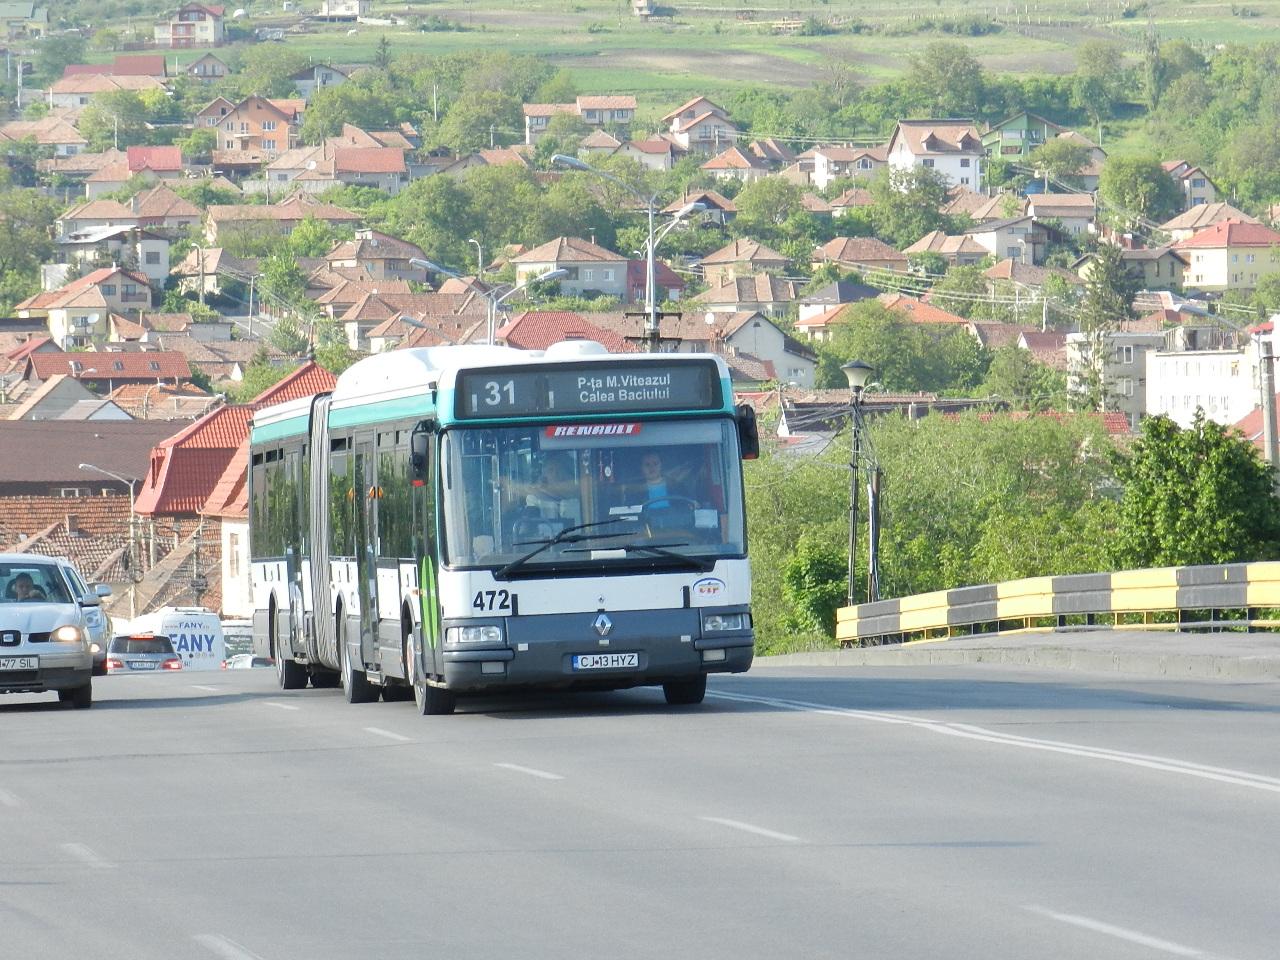 Linia metropolitana M24 isi modifica traseul